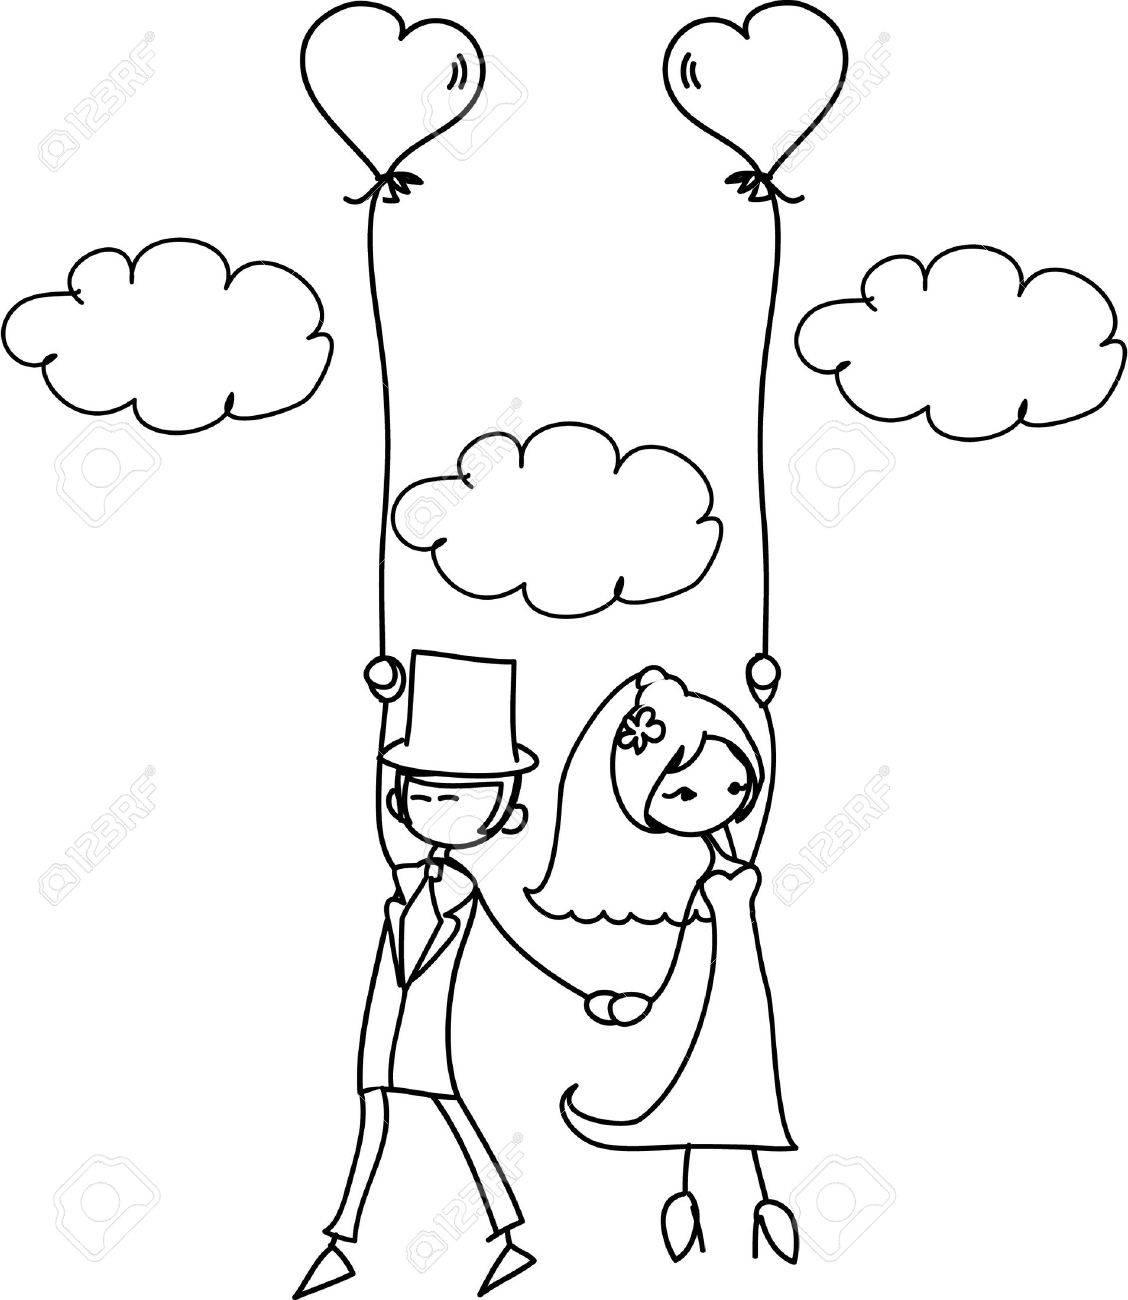 banque dimages photo de mariage de dessin anim - Dessin Mariage